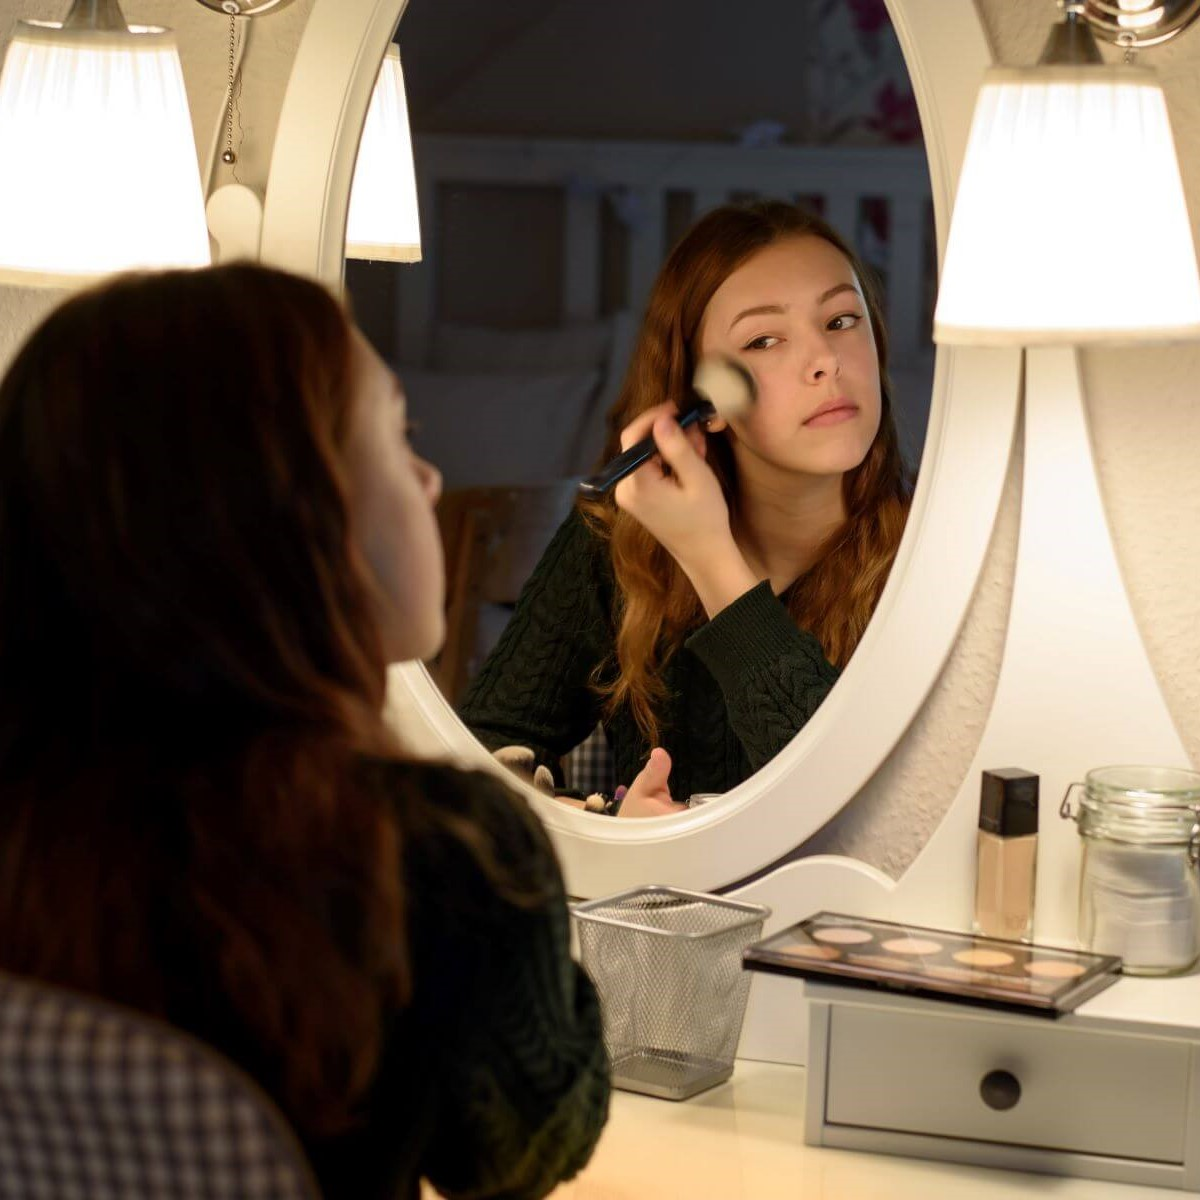 Frau trägt Foundation oder Make-Up auf